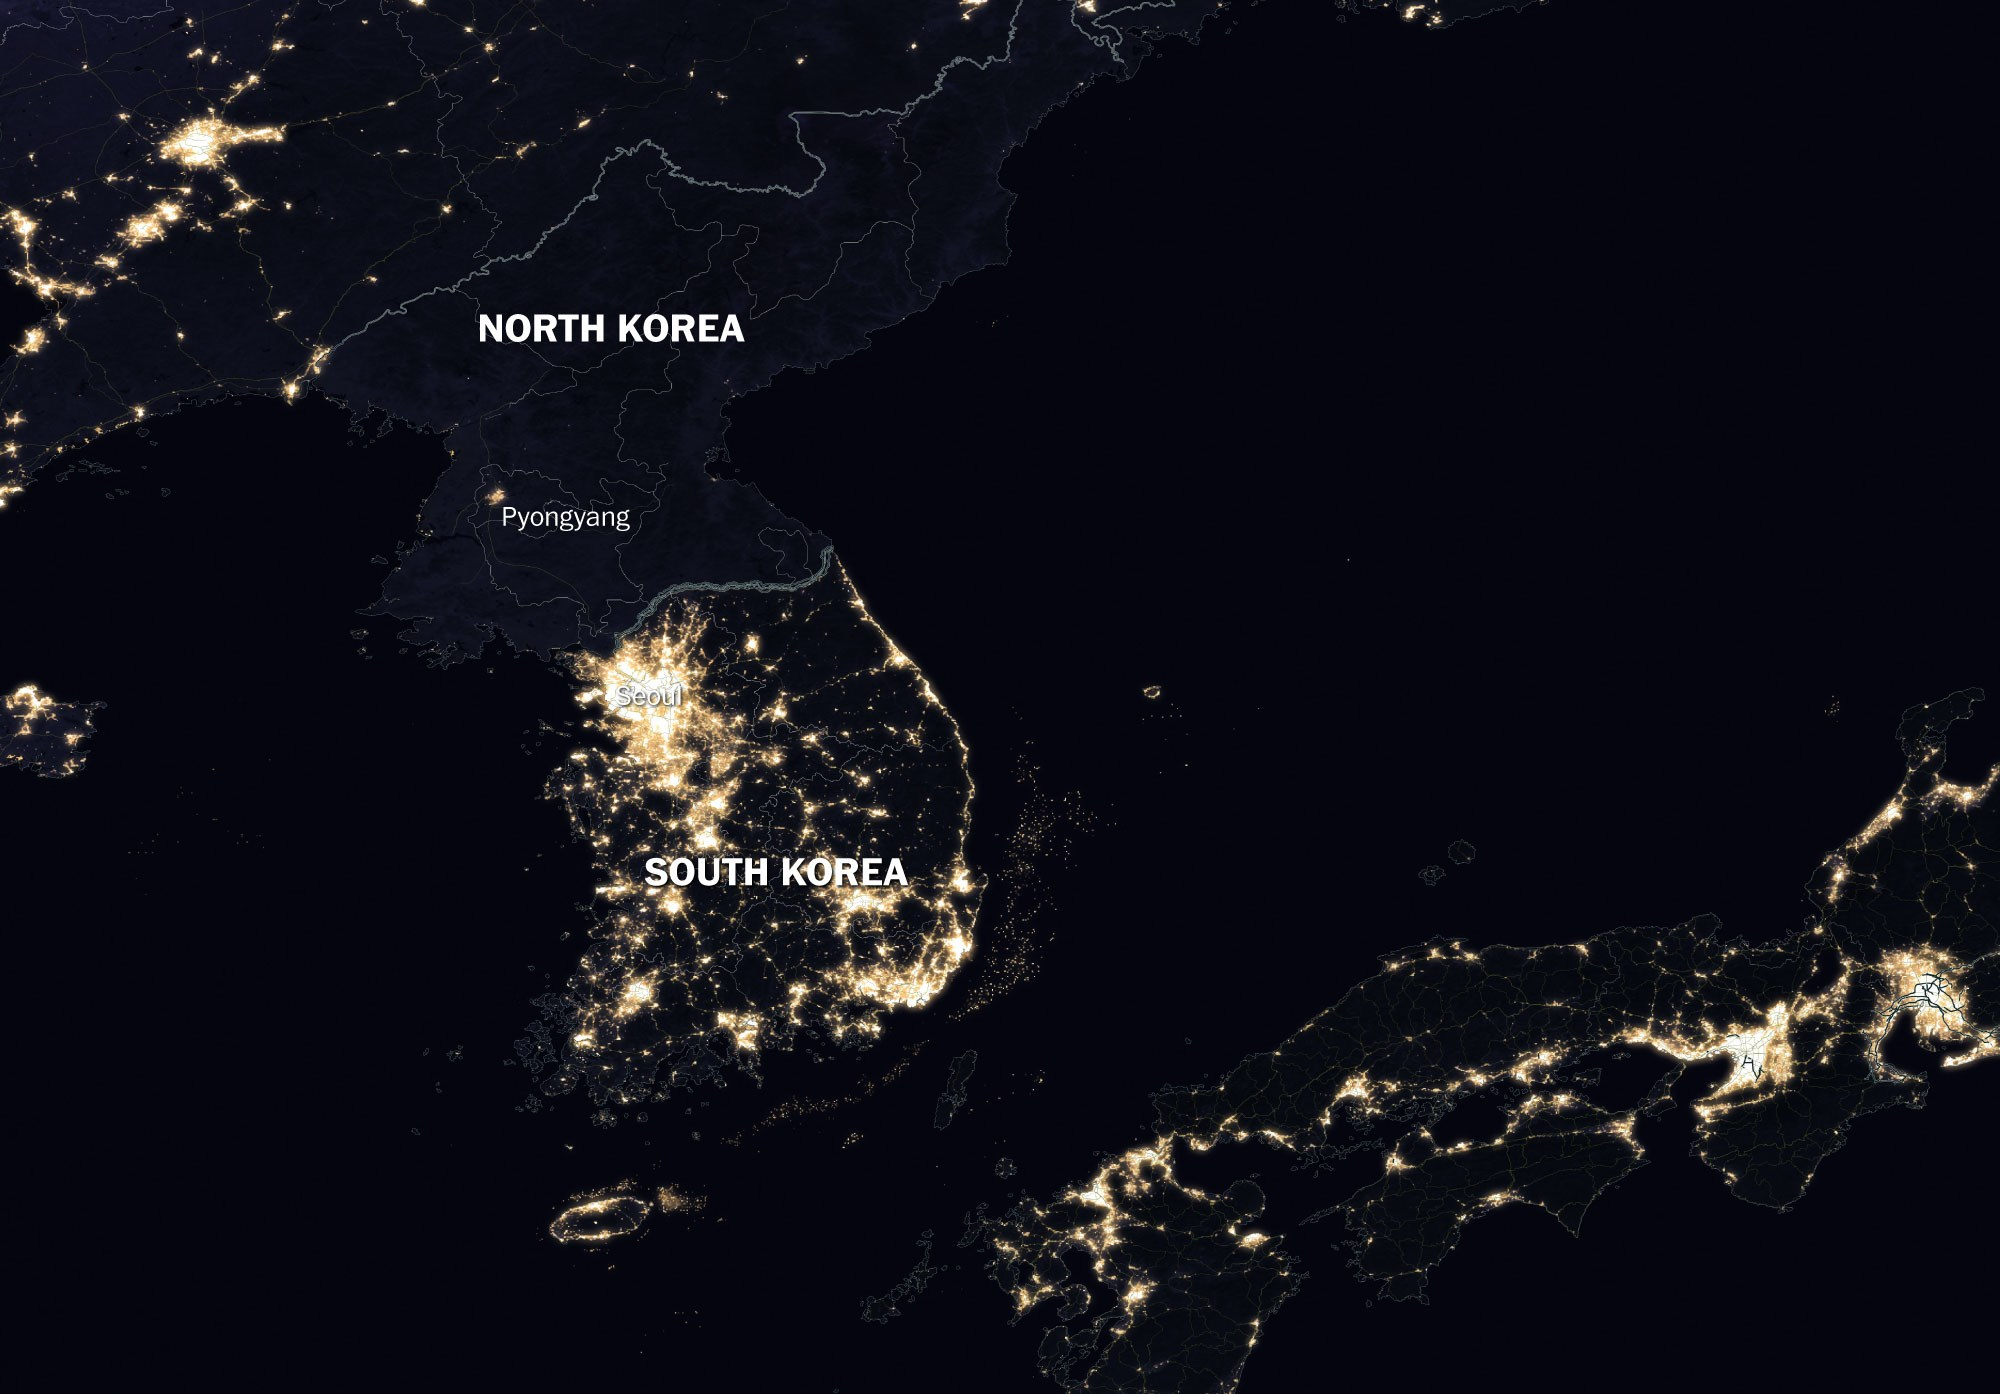 фото из космоса северной и южной кореи изучение анатомии плода